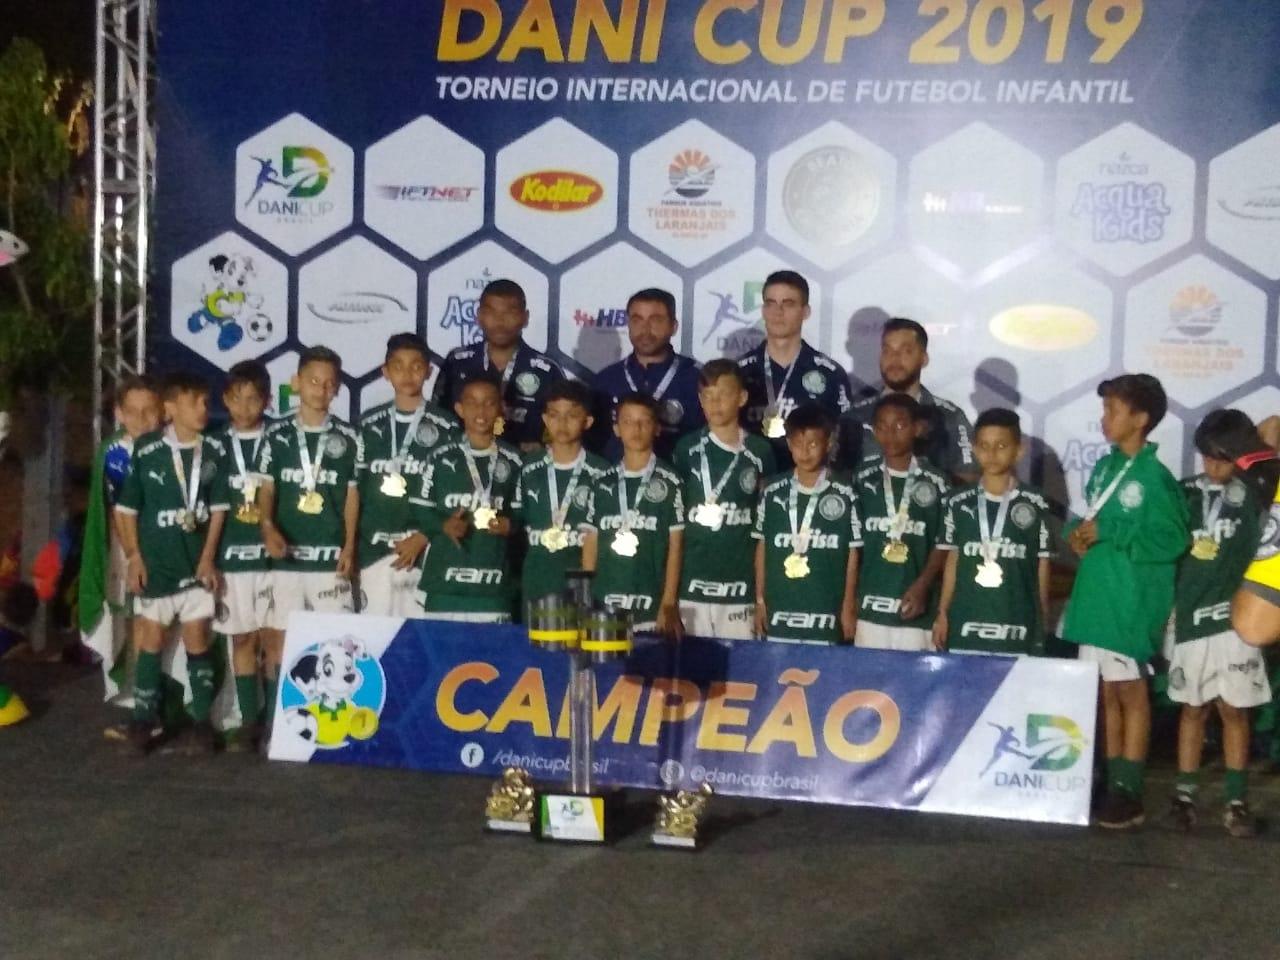 Divulgação_O Sub-10 alviverde goleou na decisão e sobrou nos números do torneio